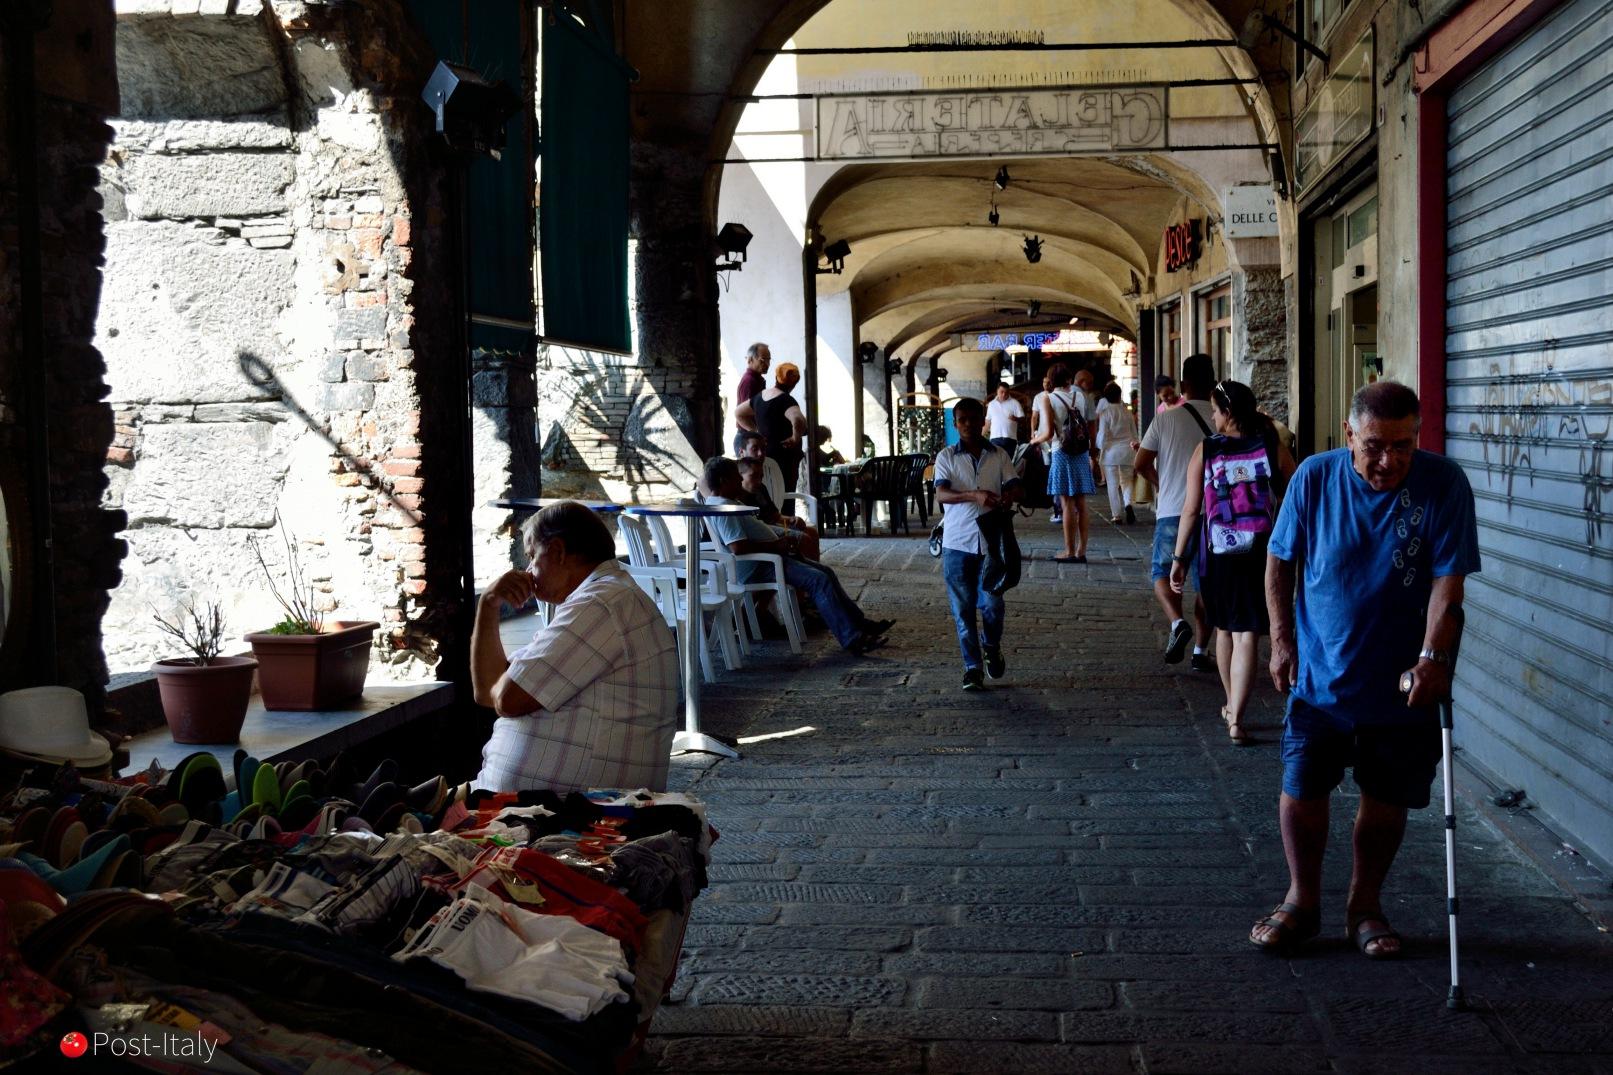 Gênova, Itália